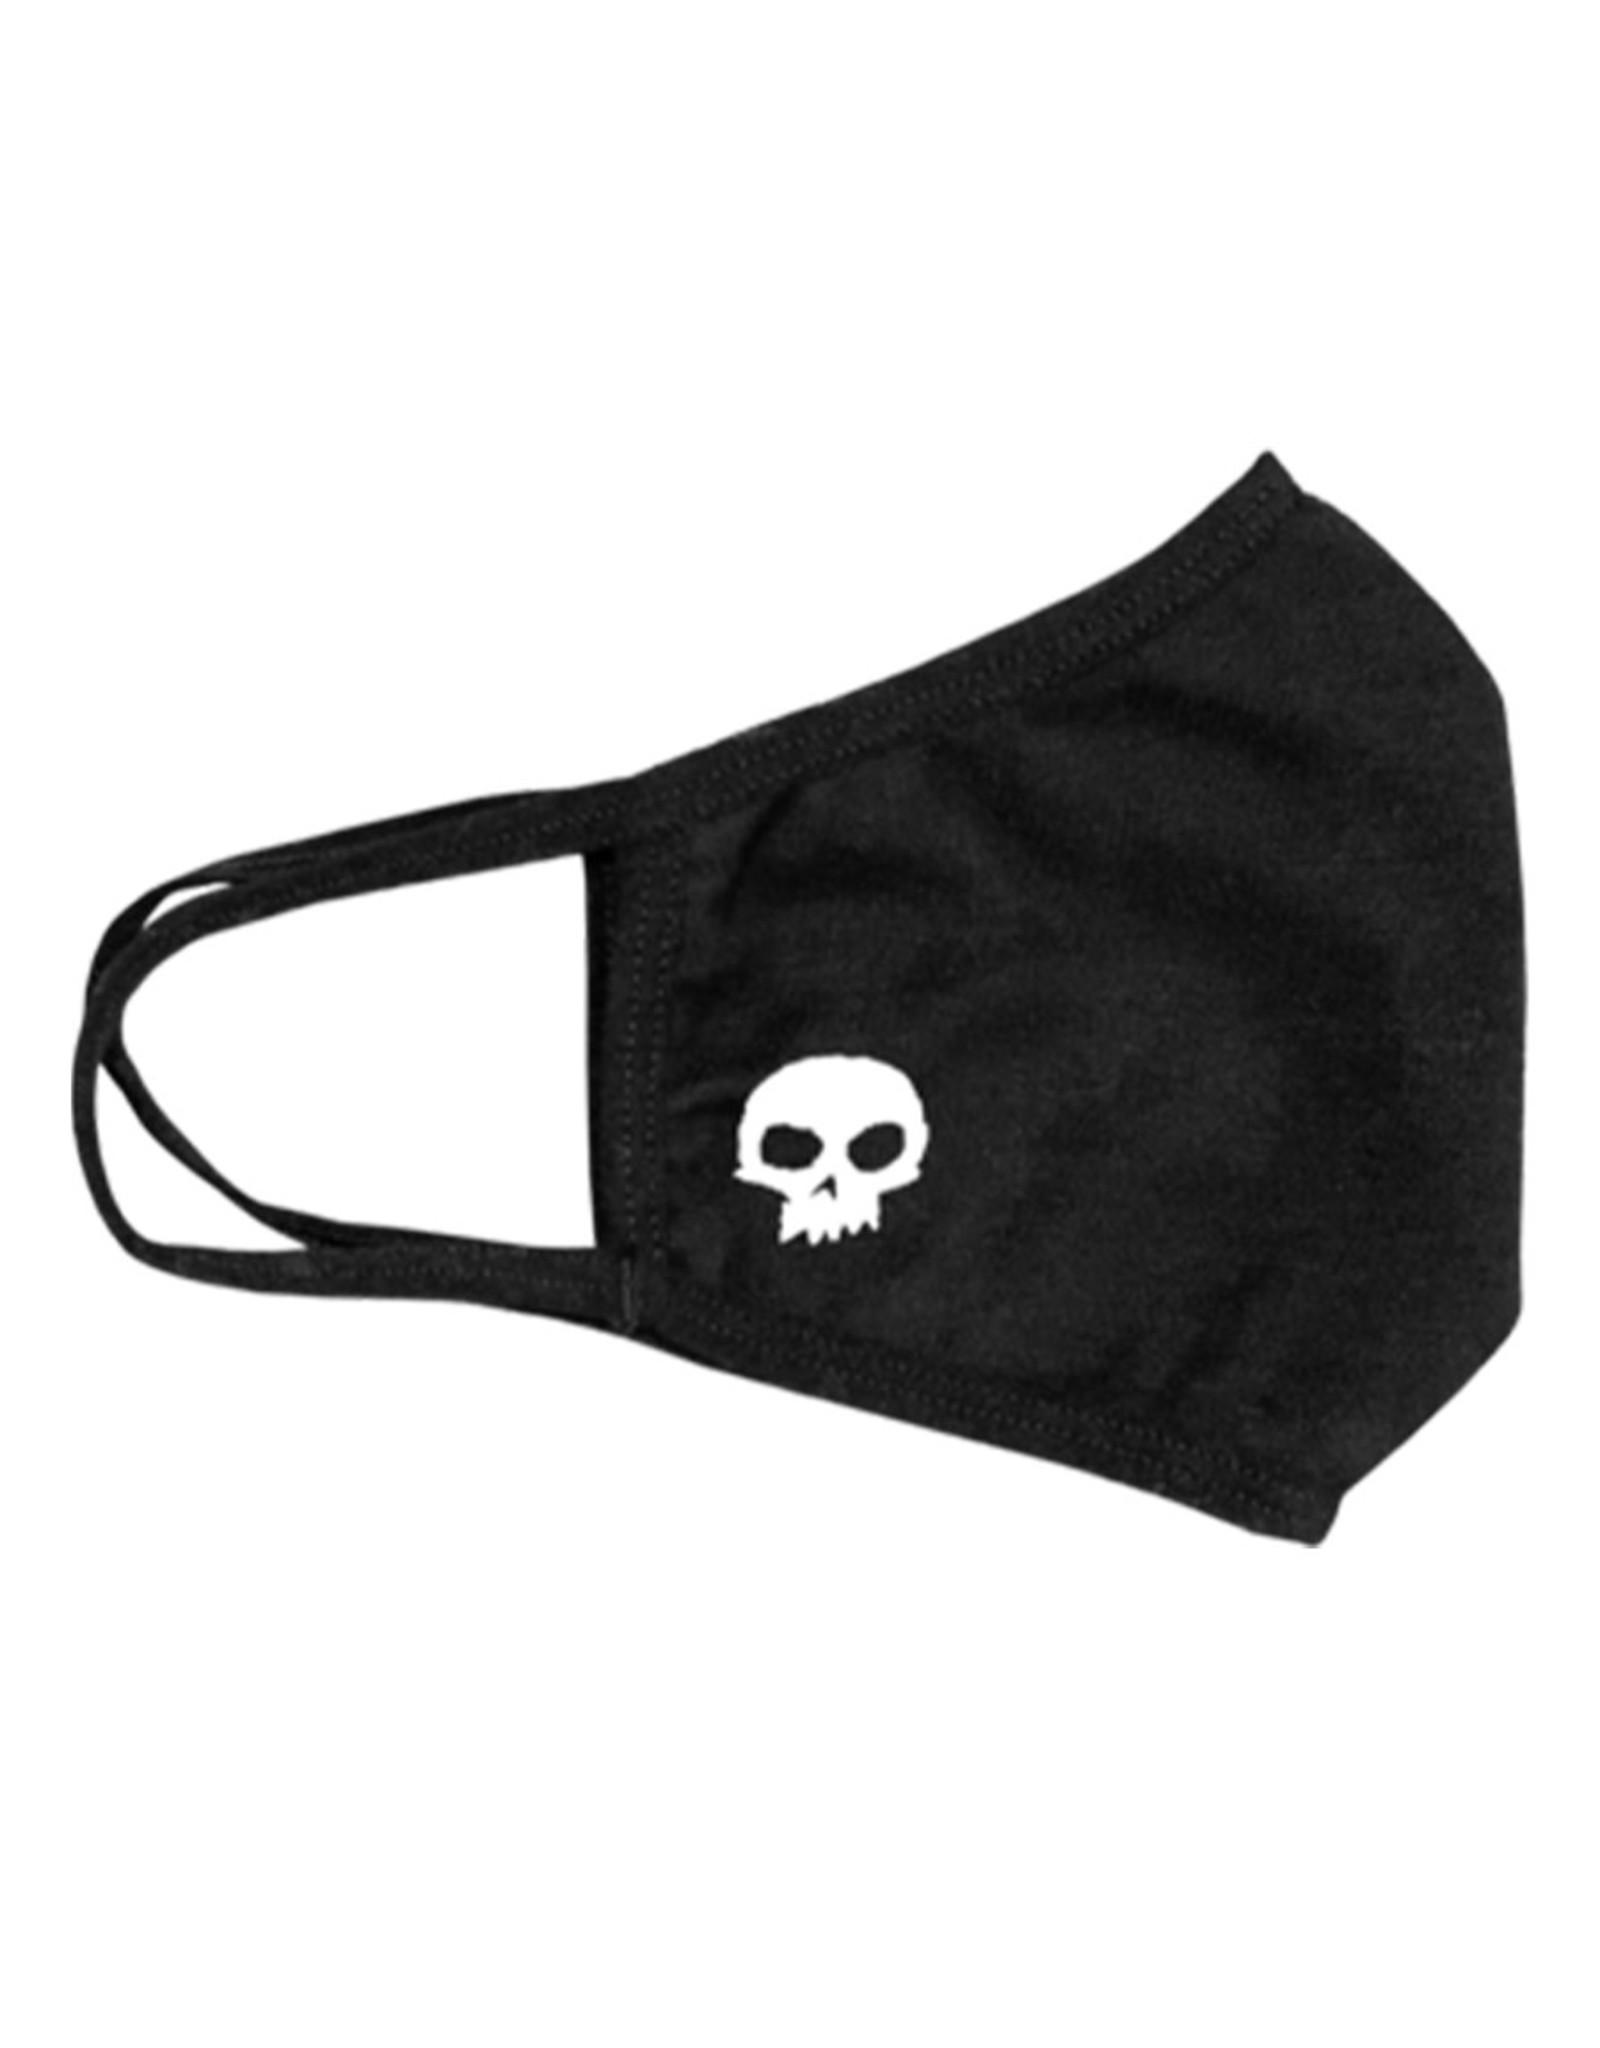 Zero Skateboards Zero Mouth Covering Skull (Black)